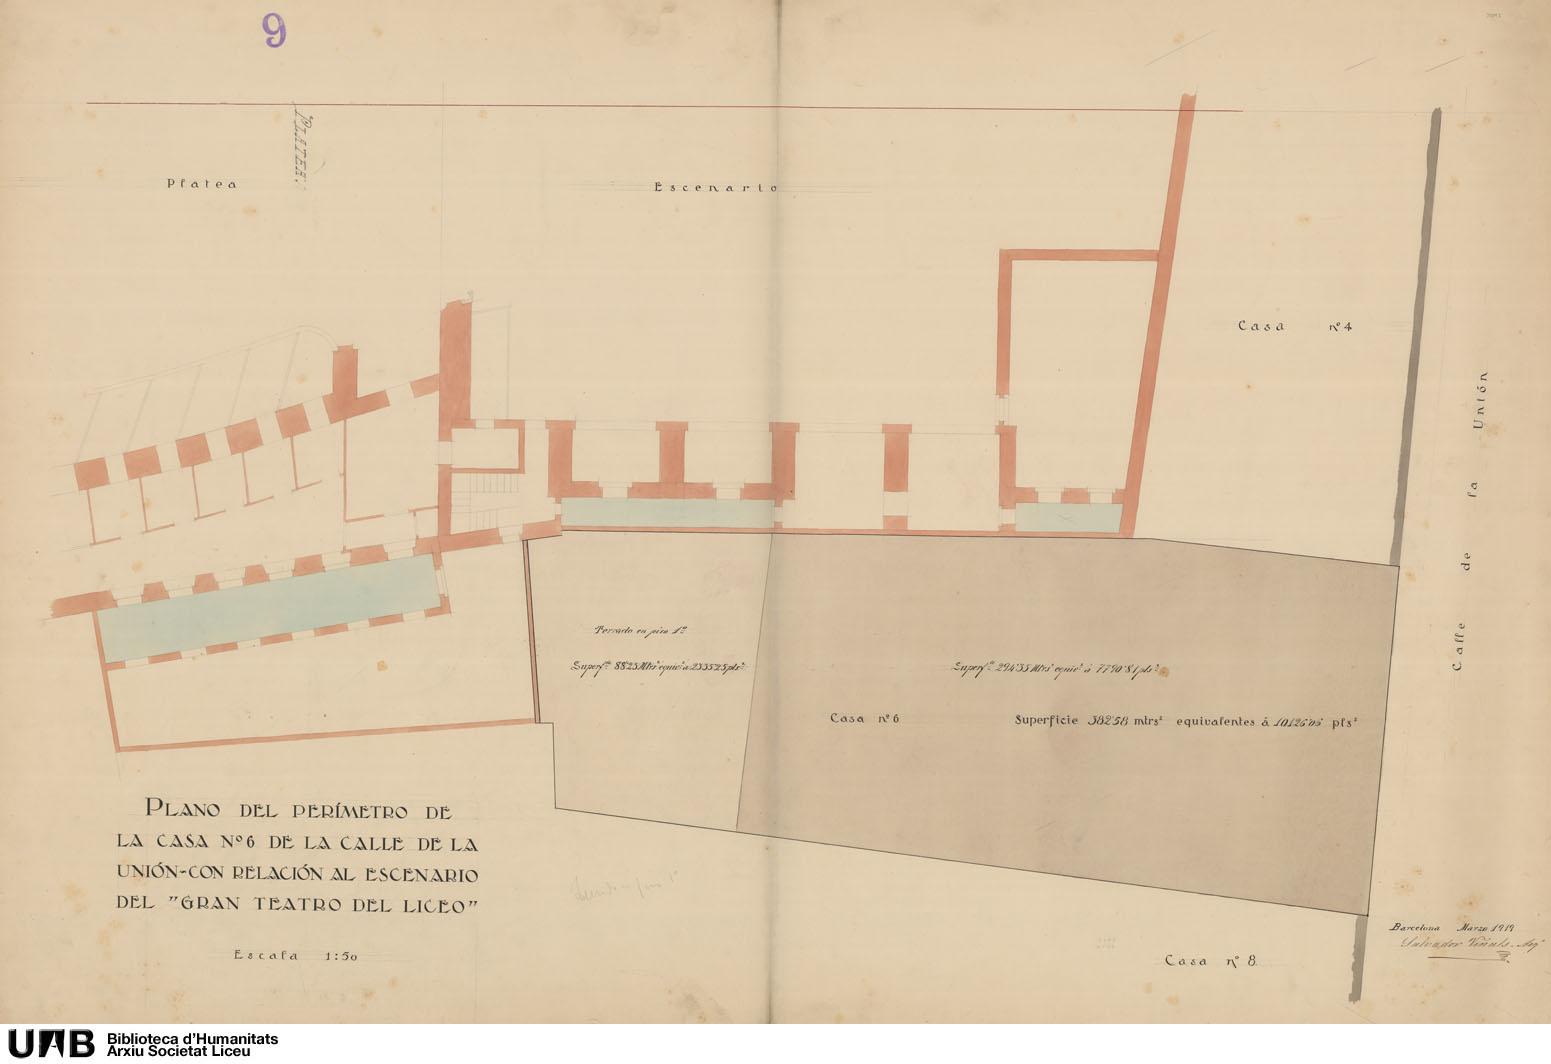 Plano del perímetro de la casa nº 6 de la Calle de la Unión con relación al escenario del Gran Teatro del Liceo